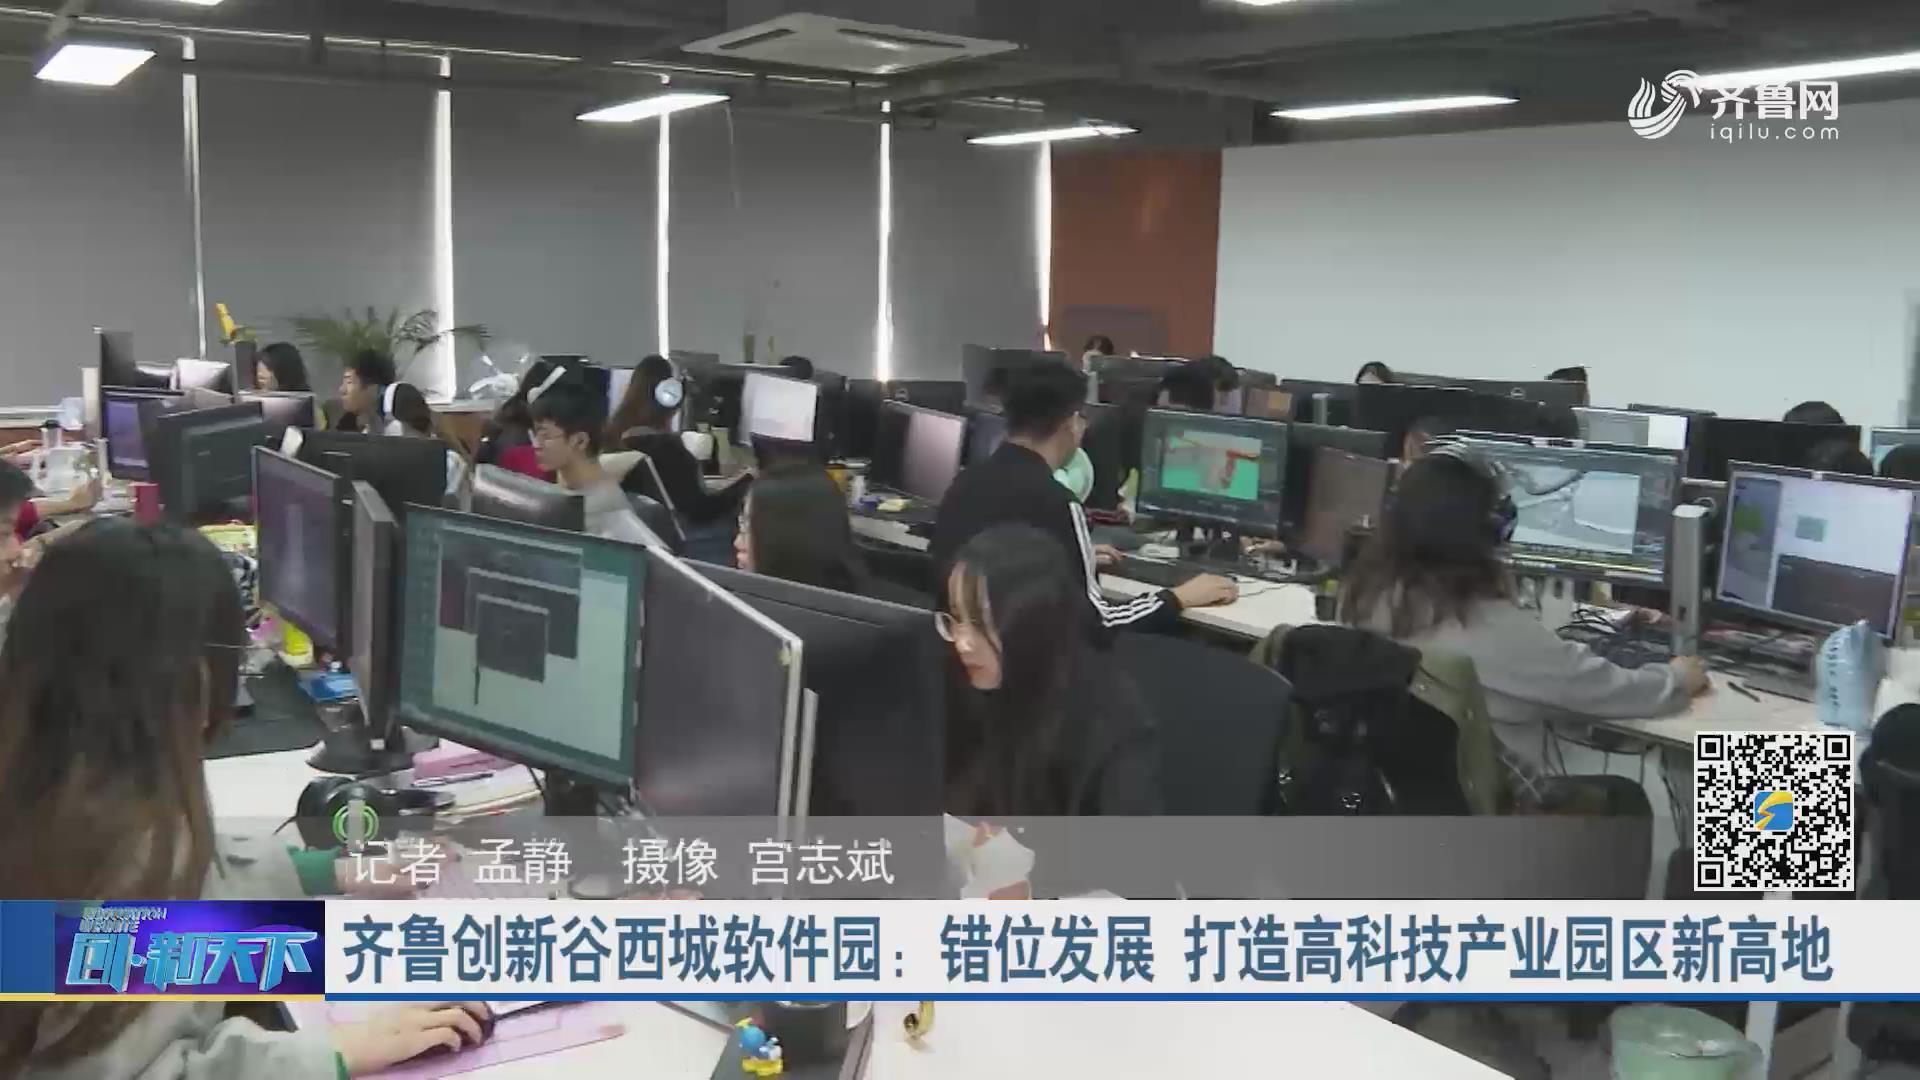 齐鲁创新谷西城软件园:错位发展 打造高科技产业园区新高地